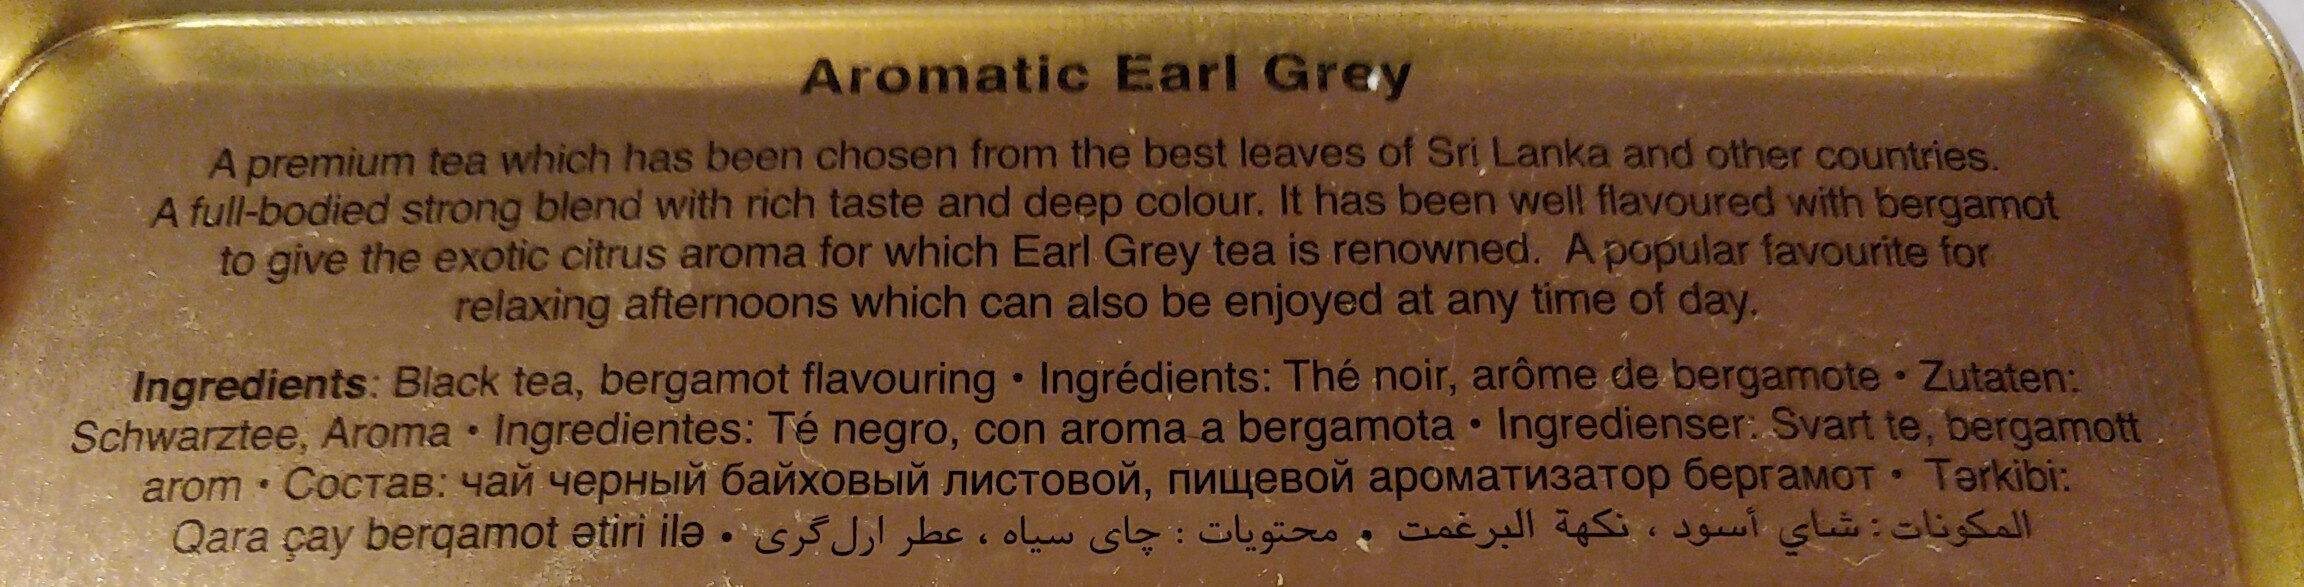 Aromatic Earl Grey - Ingredients - en